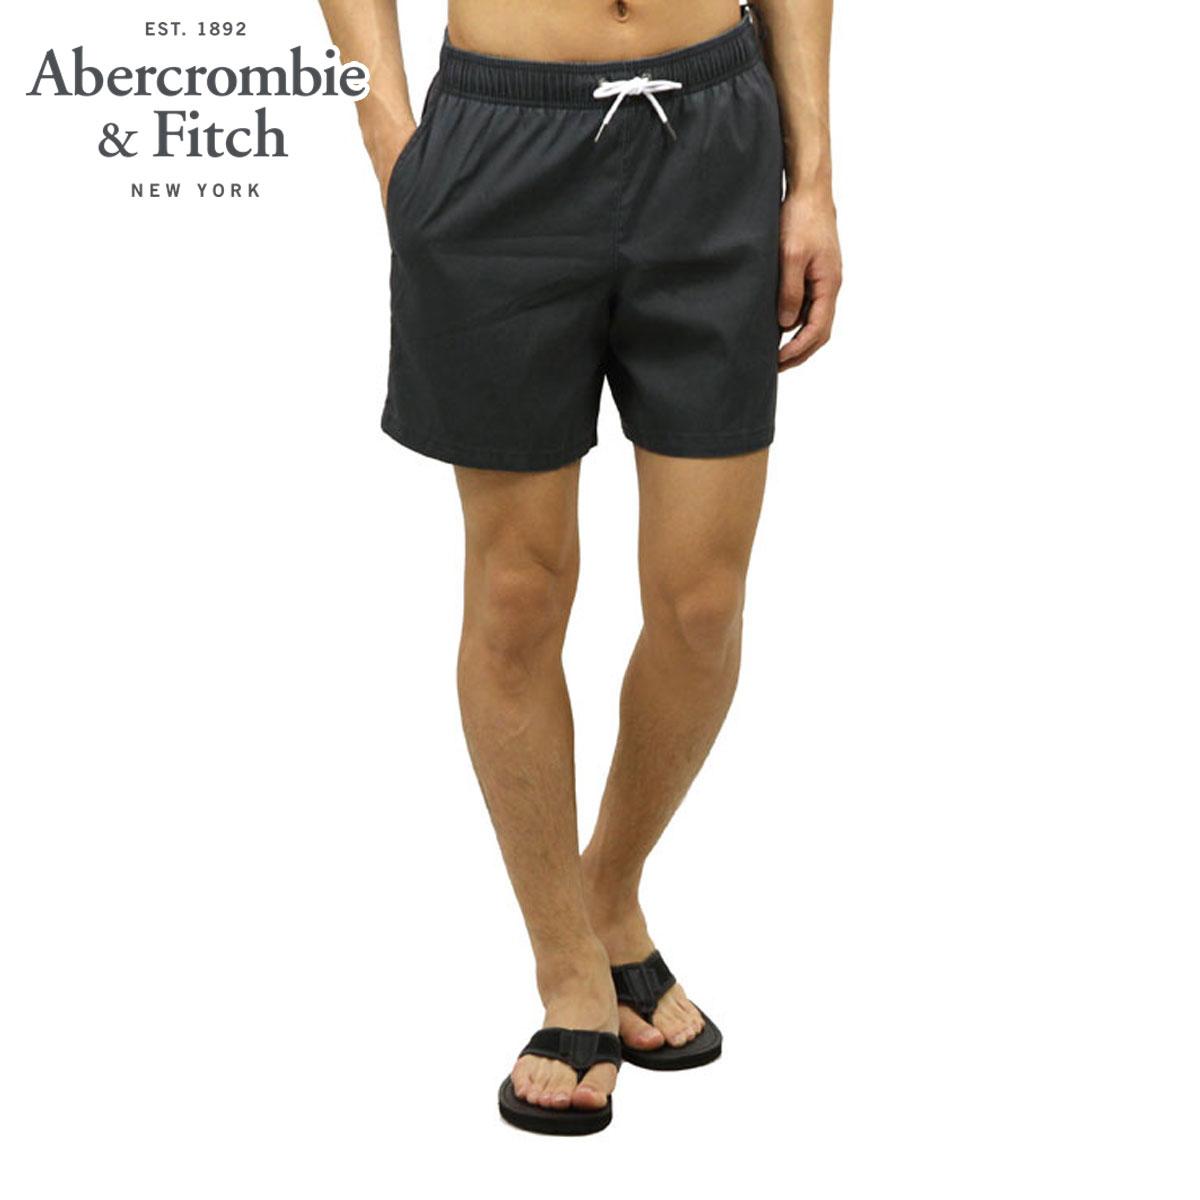 【ポイント10倍 9/21 20:00〜9/26 1:59まで】 アバクロ Abercrombie&Fitch 正規品 メンズ 水着 スイムパンツ CLASSIC TRUNKS Shorter 133-350-0562-900